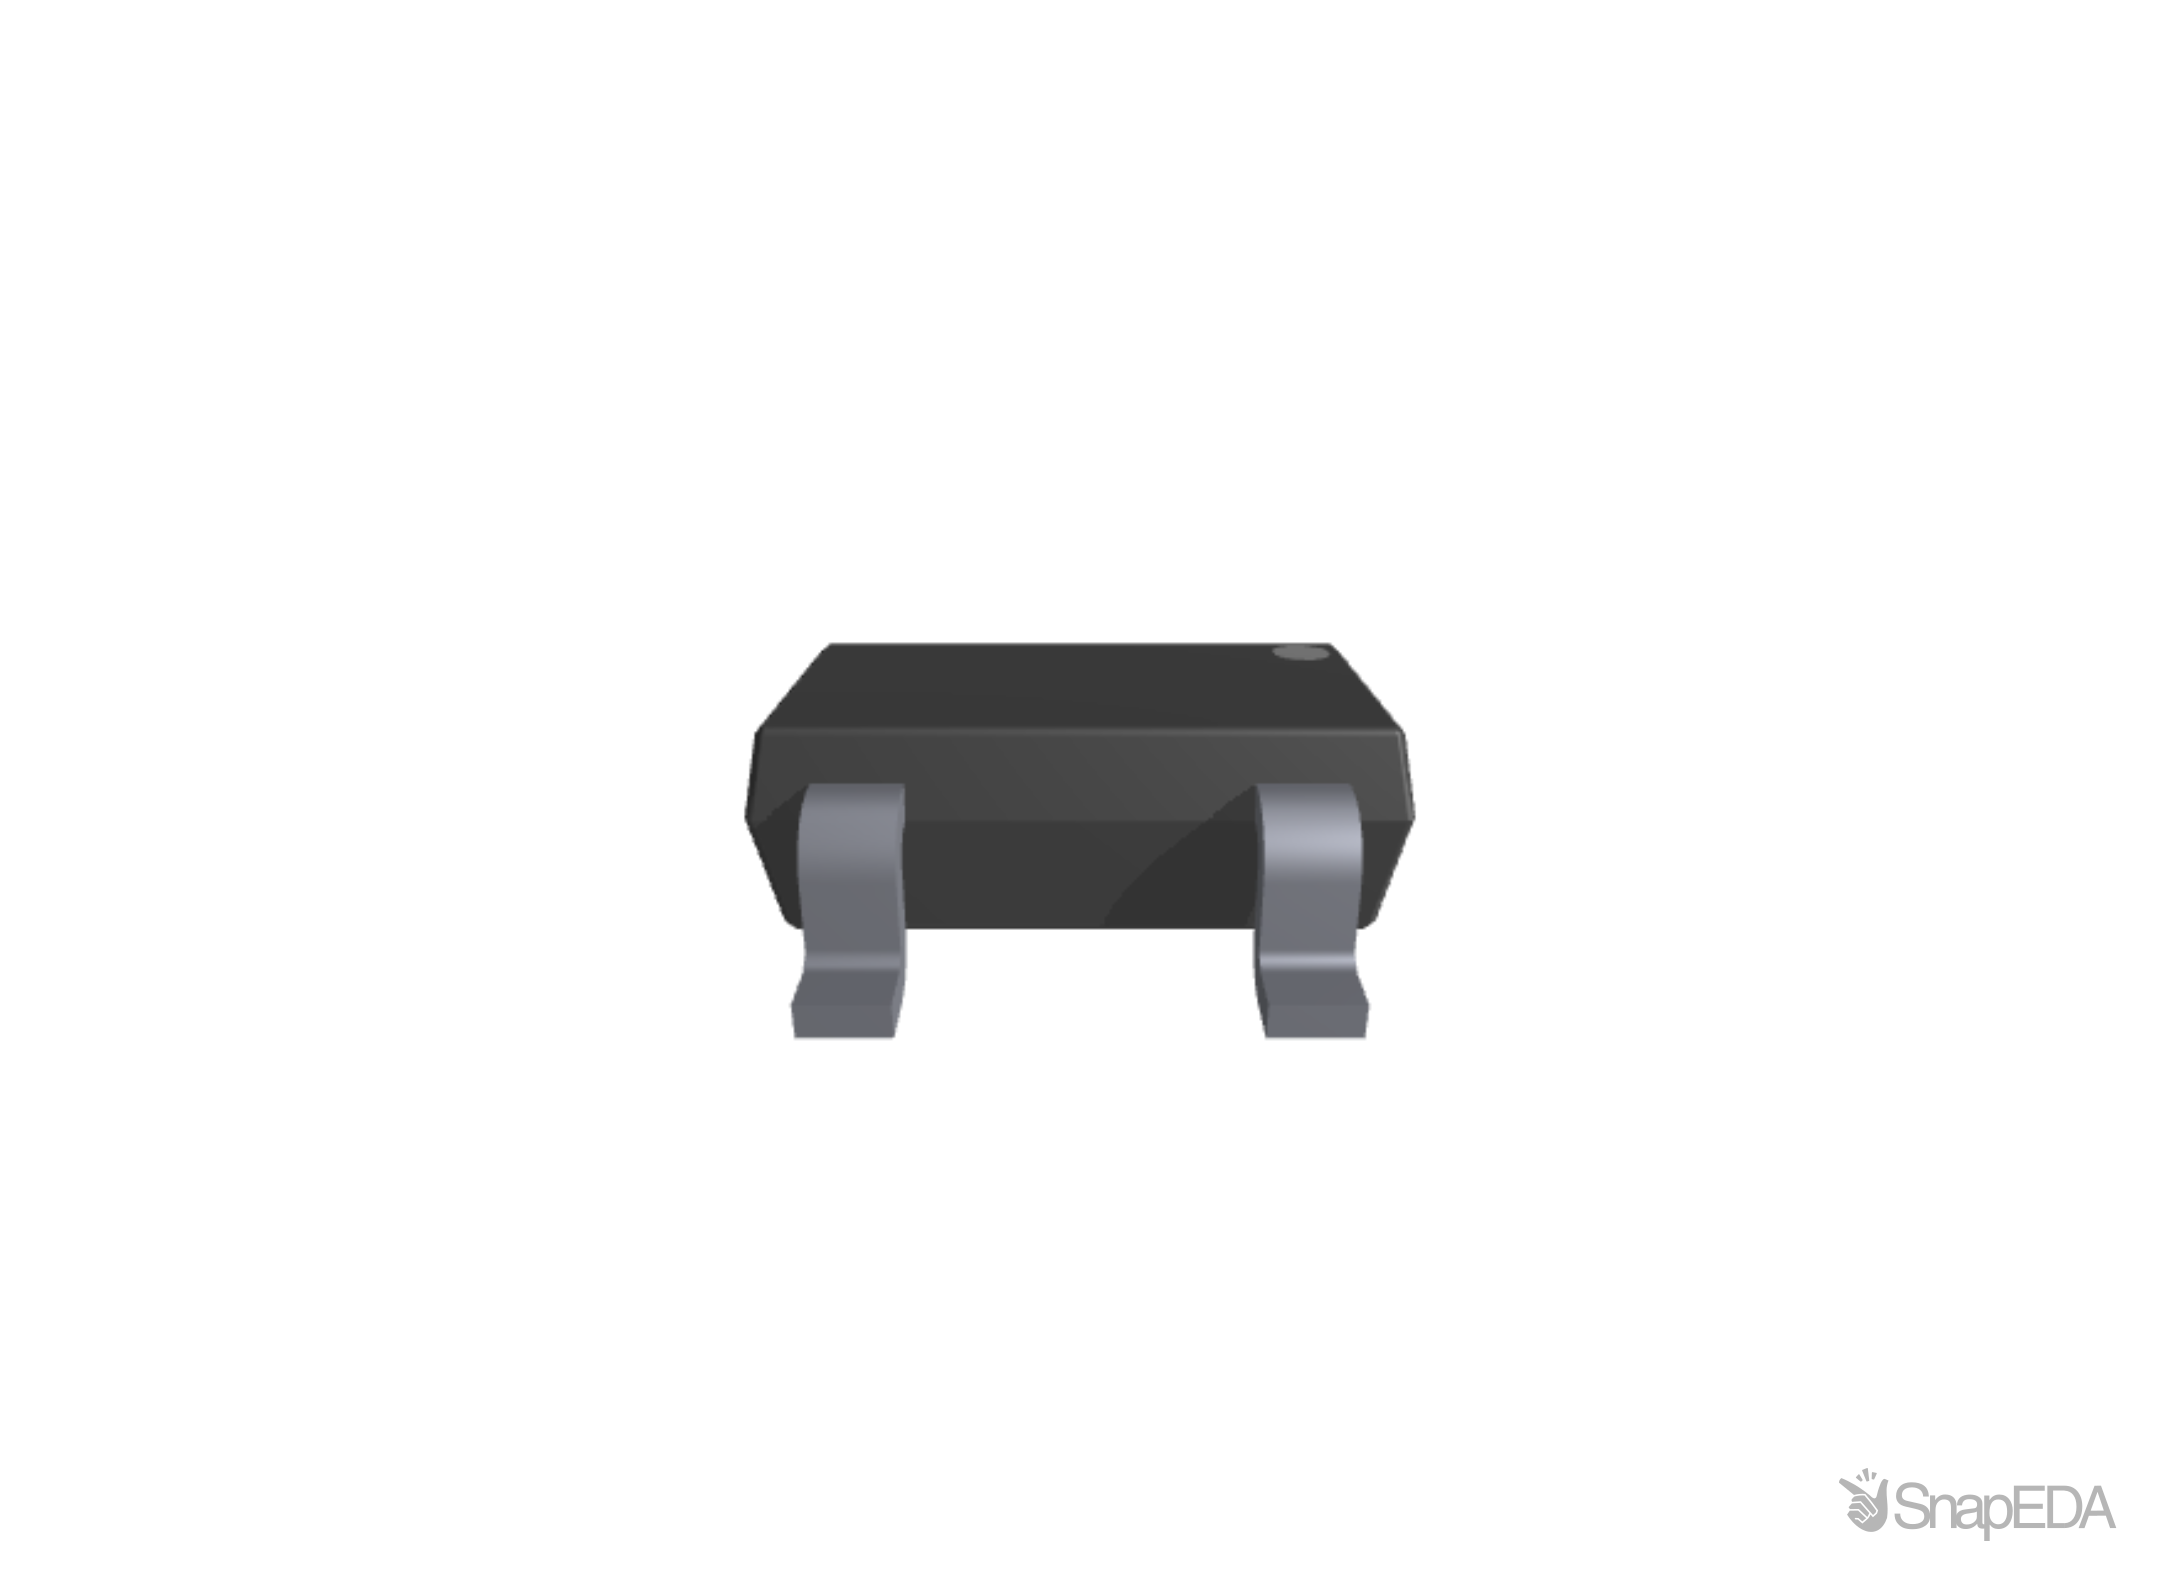 TPS78233DDCR 3D Model